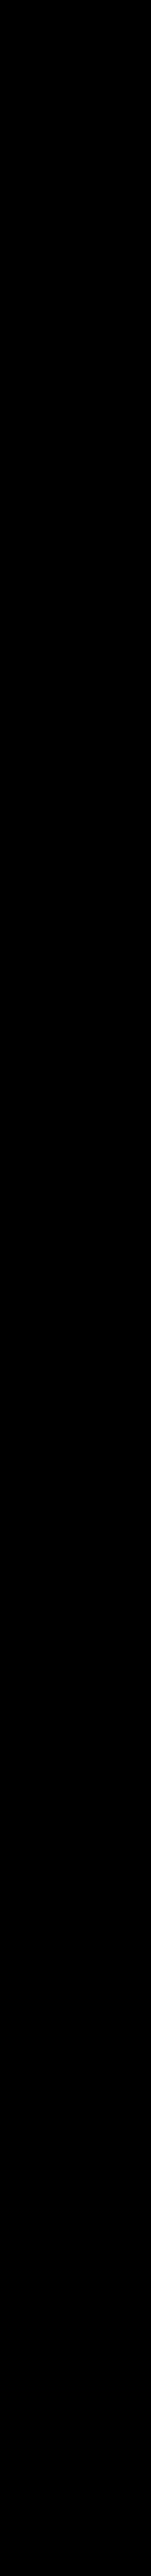 u4543-311.png